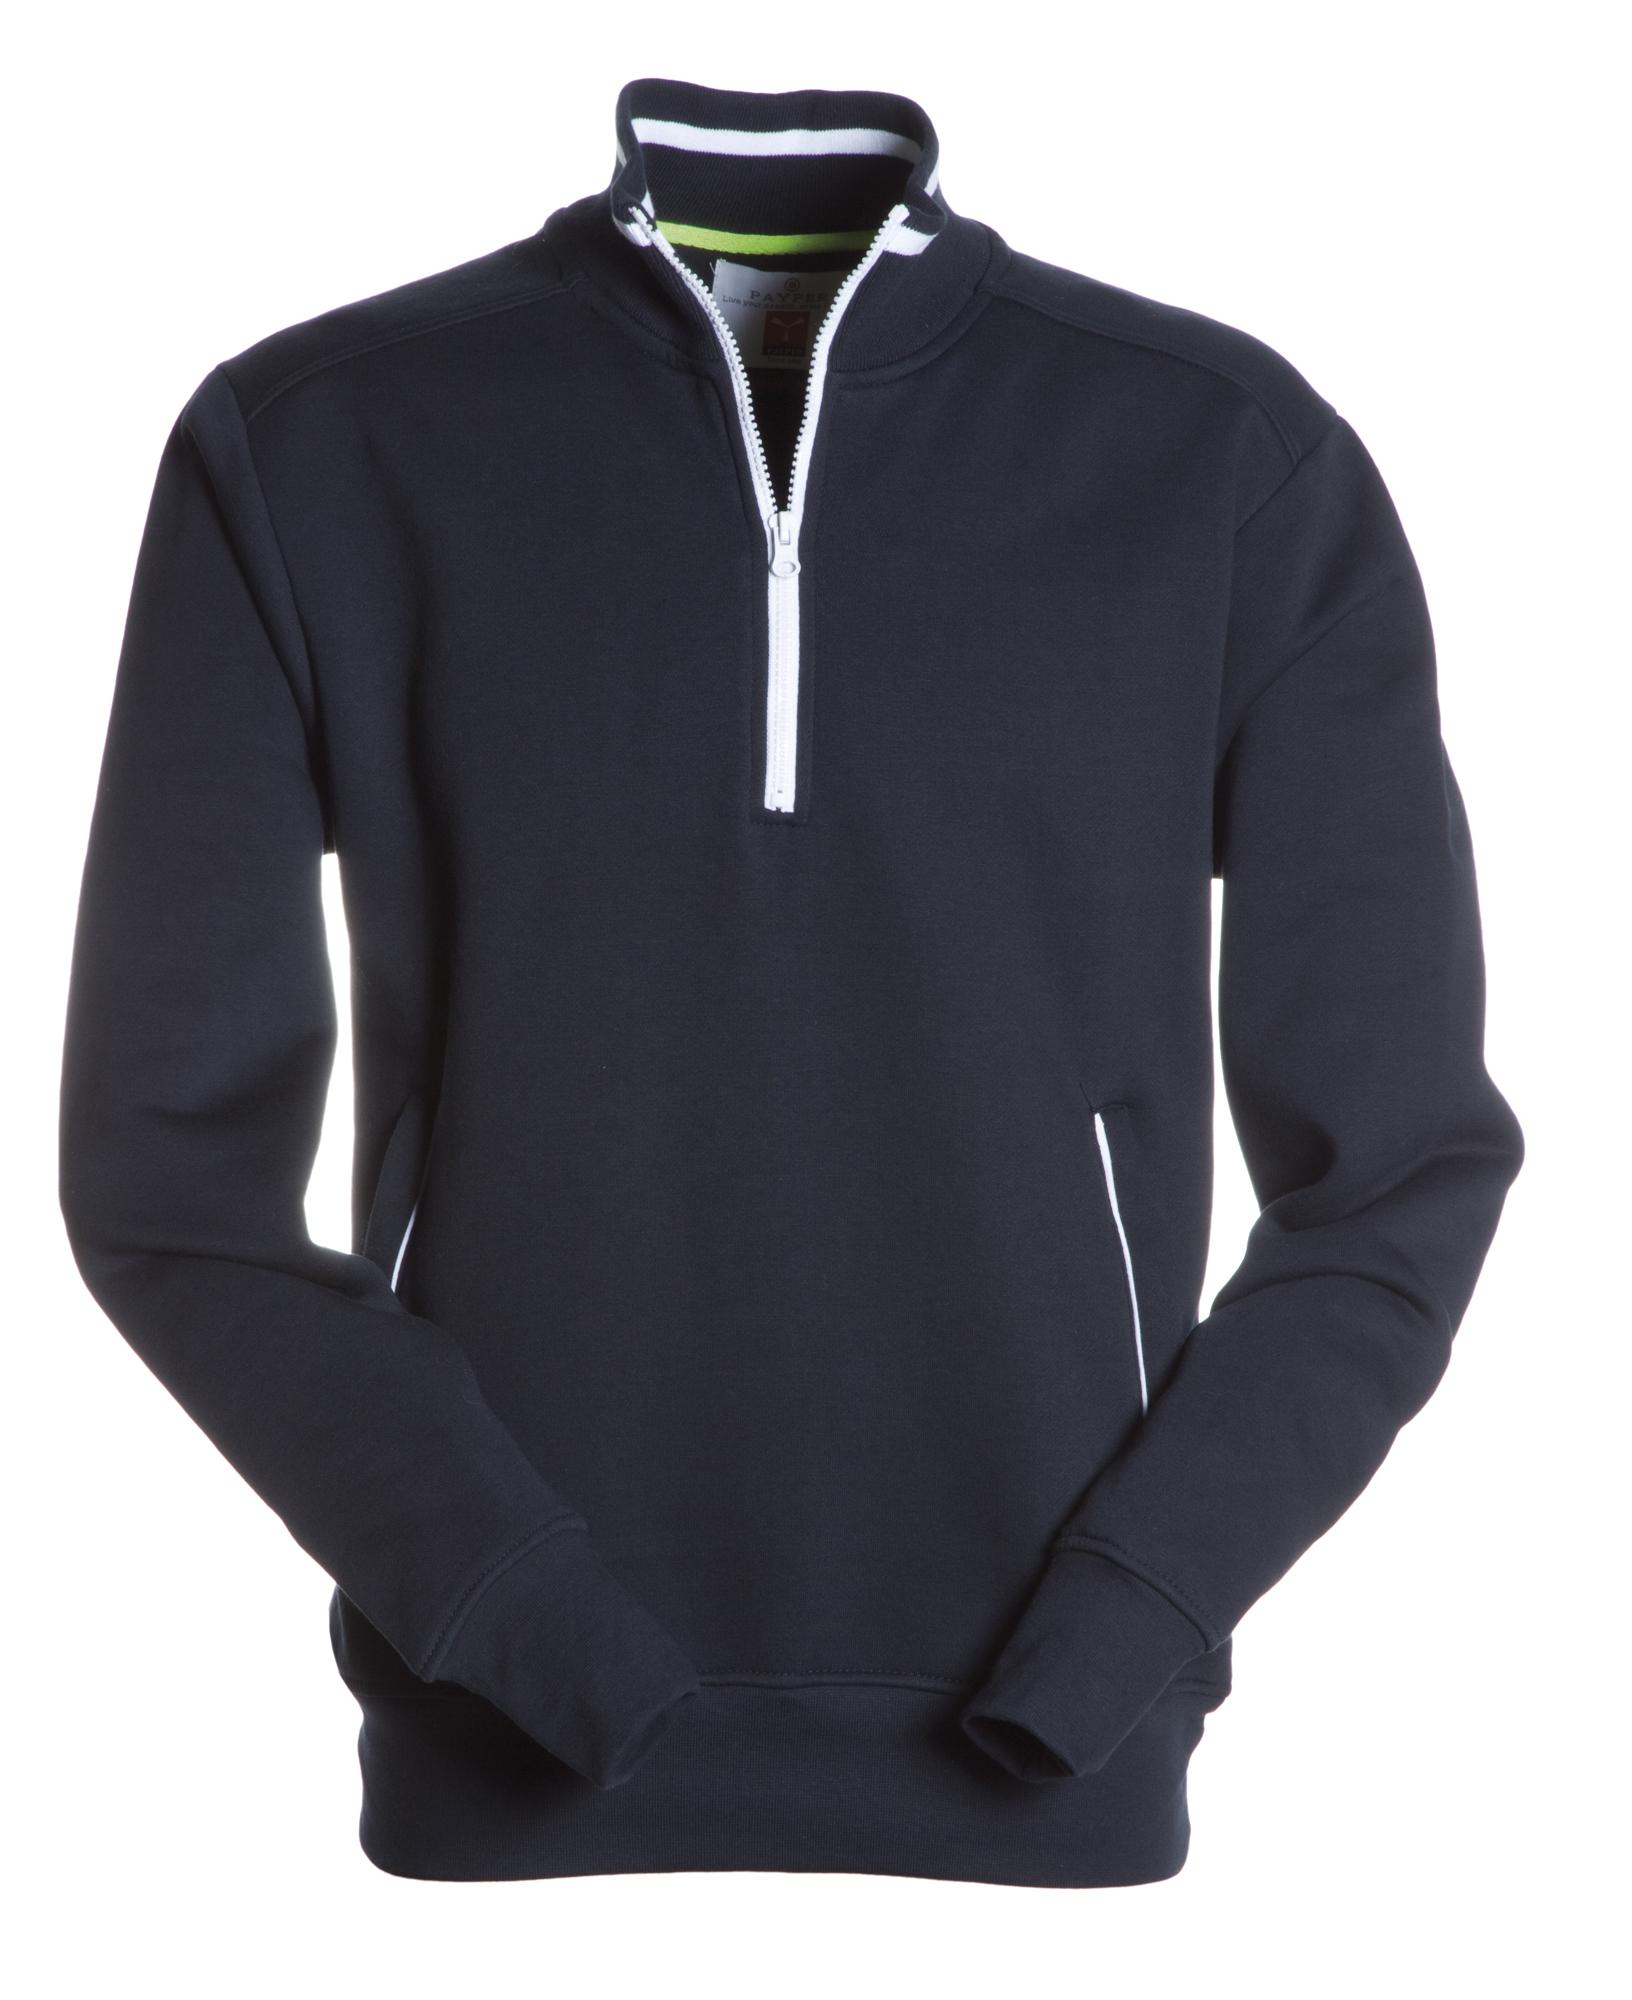 Hochwertiges Zip-Sweatshirt Herren | Stickerei24